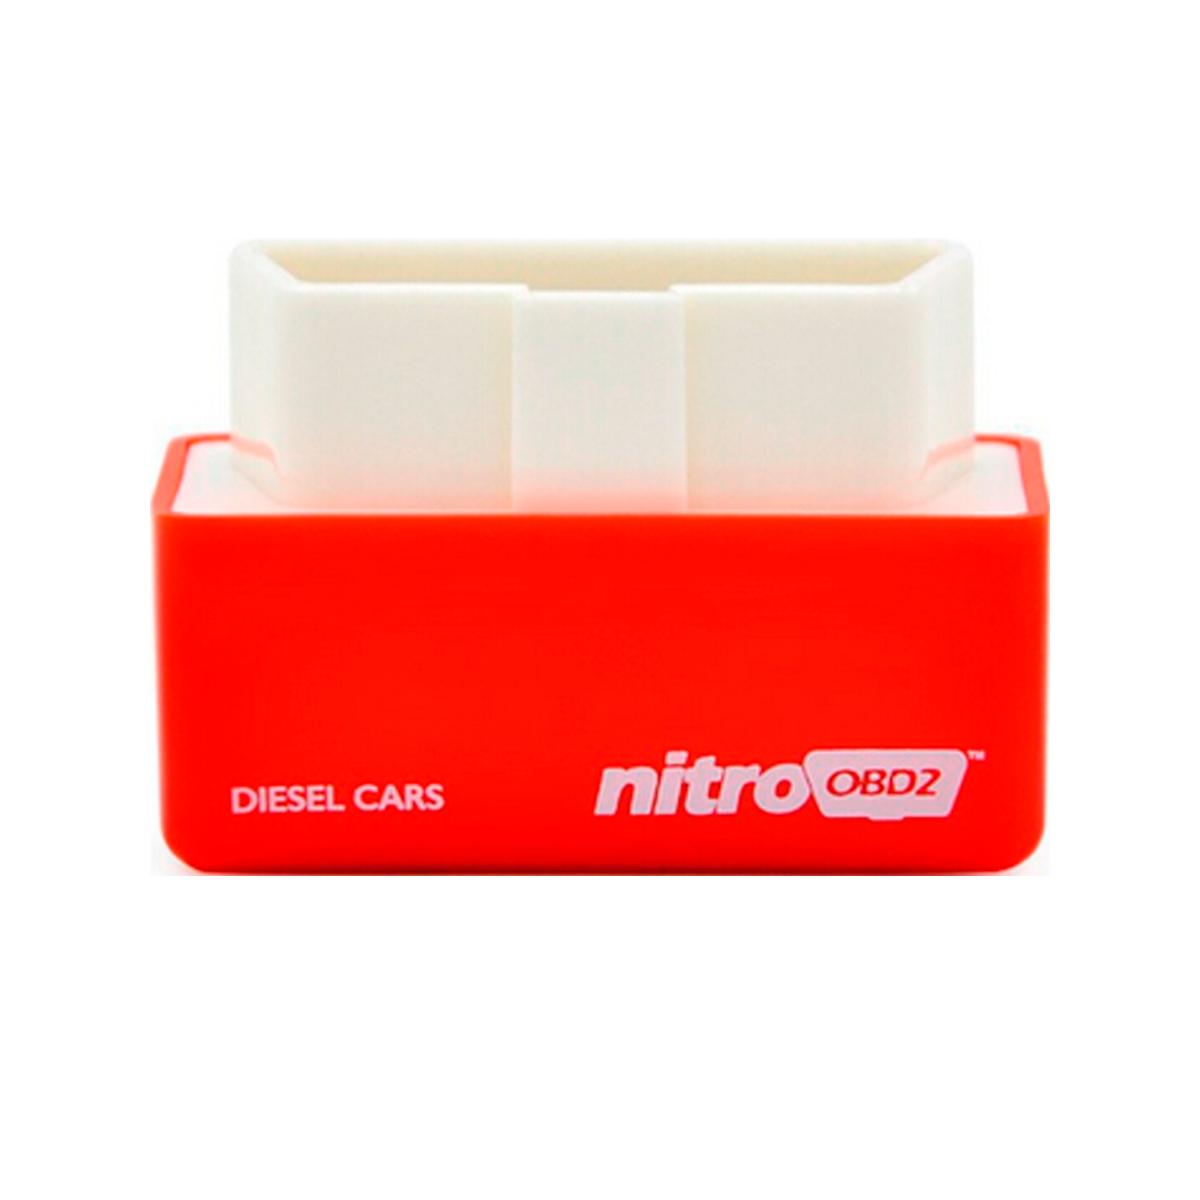 Nitro OBDII Diesel Tuning Box - Diagnóstico automotriz